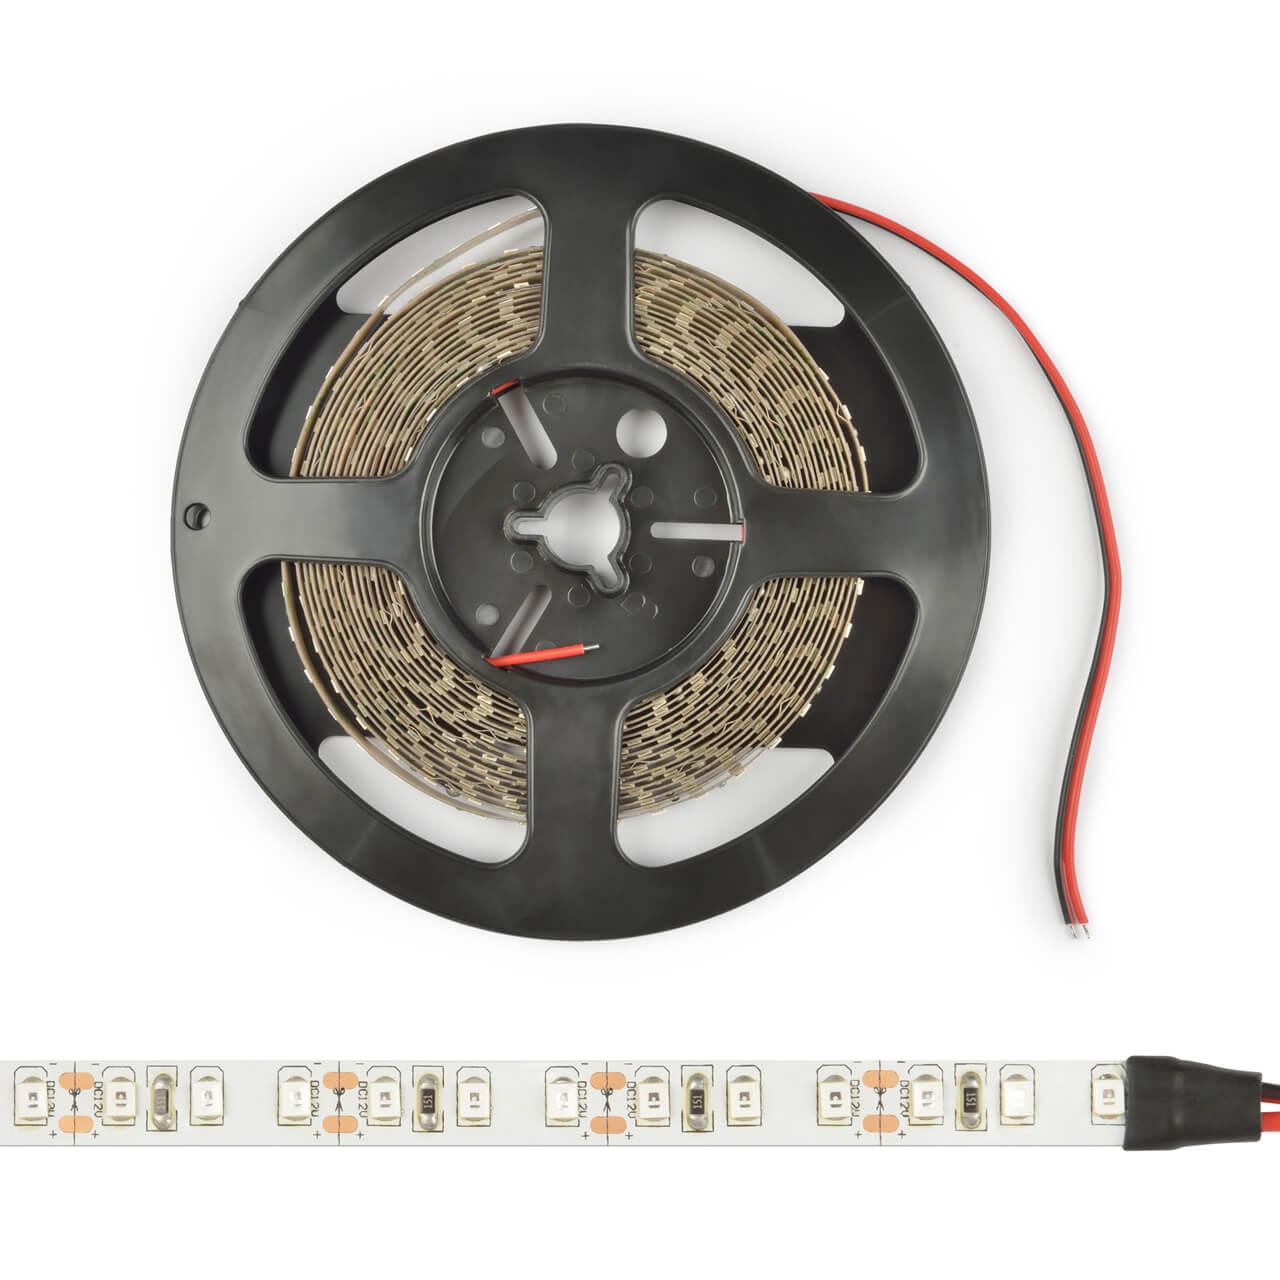 цена на Светодиодная лента Uniel (UL-00004358) 4,8W/m 60LED/m 2835SMD теплый белый 5M ULS-M11-2835-60LED/m-8mm-IP20-DC12V-4,8W/m-5M-3000K PROFI